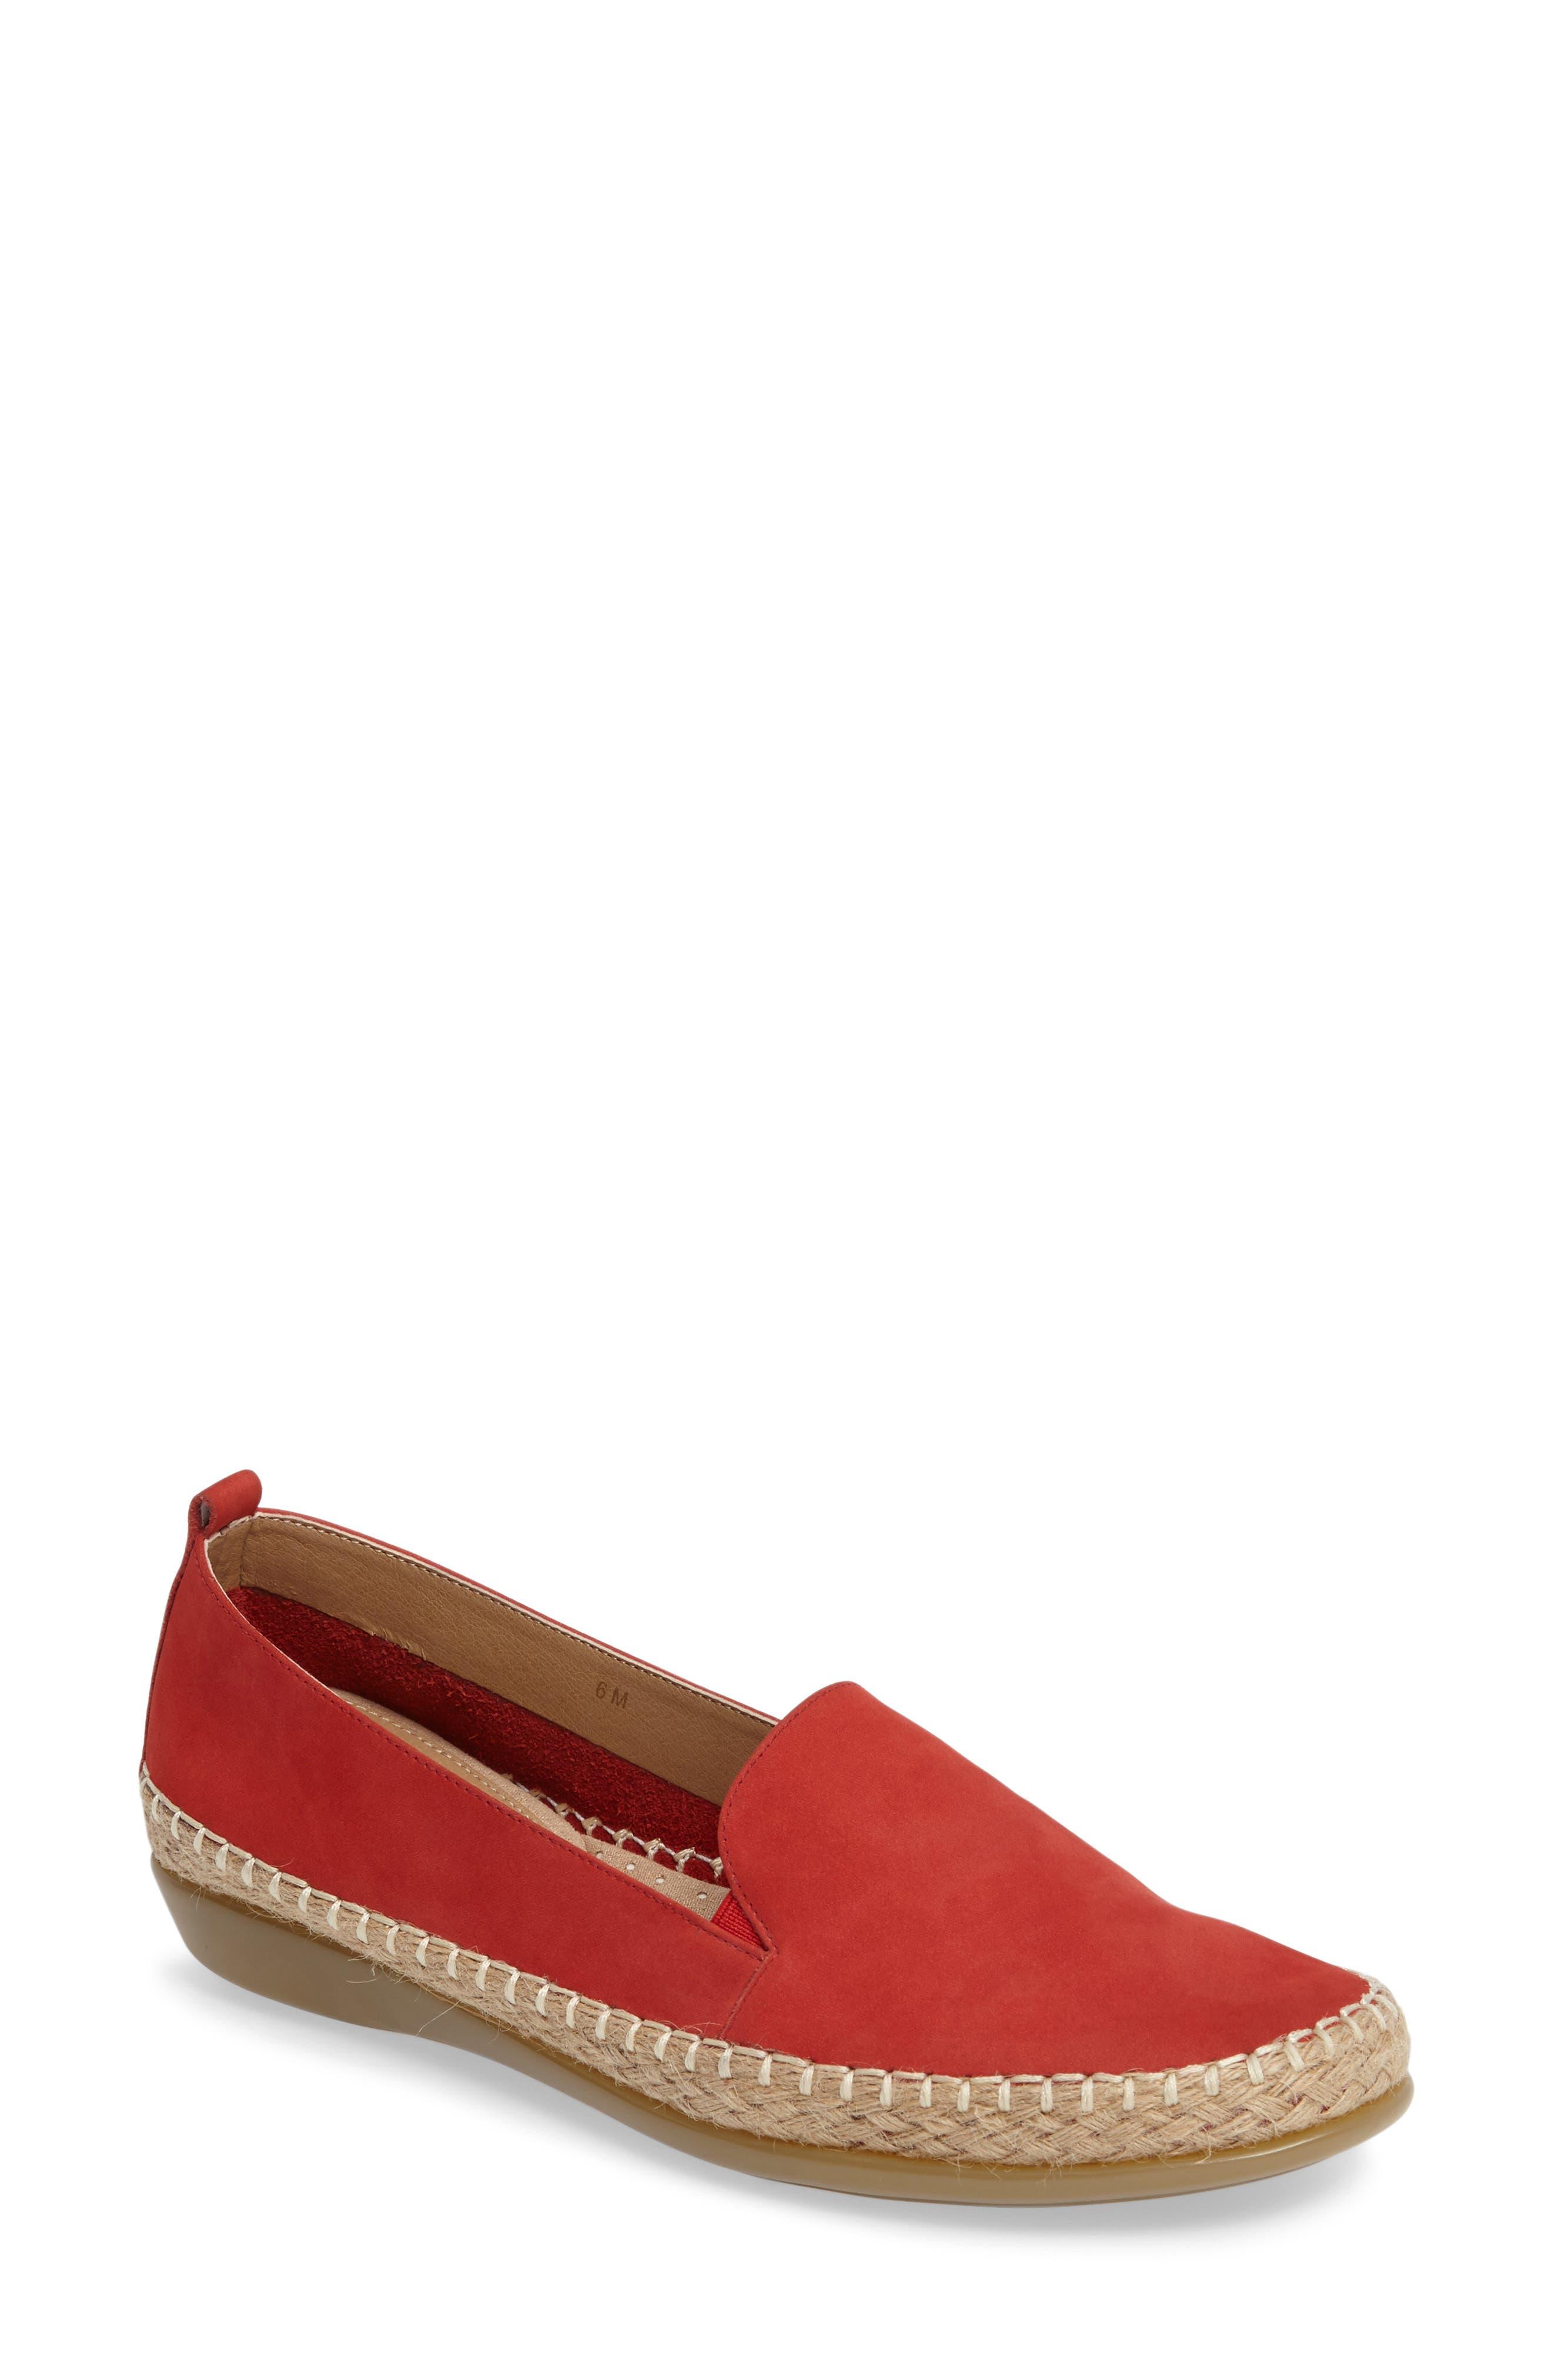 Nadette Espadrille Loafer Flat,                         Main,                         color, Red Leather